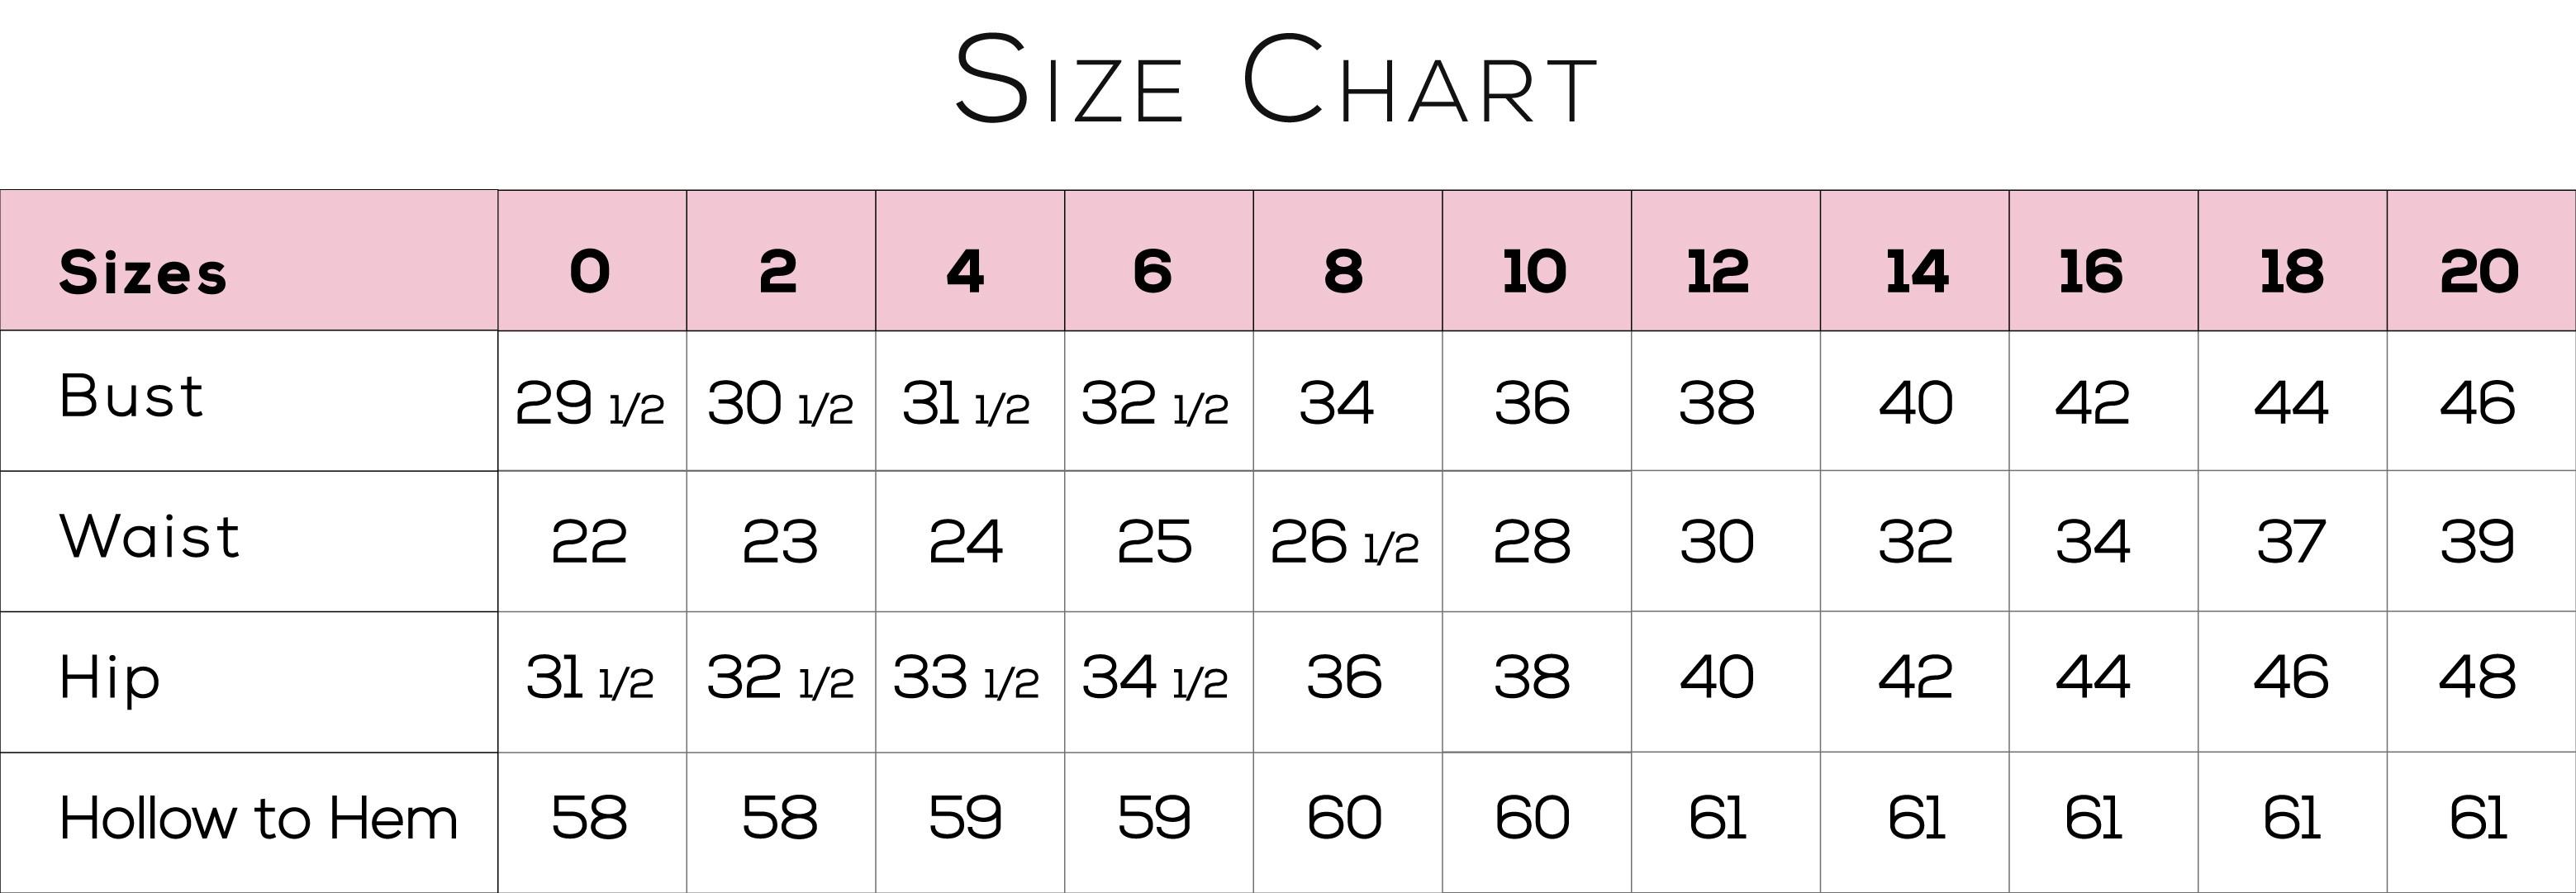 Size chart sheet